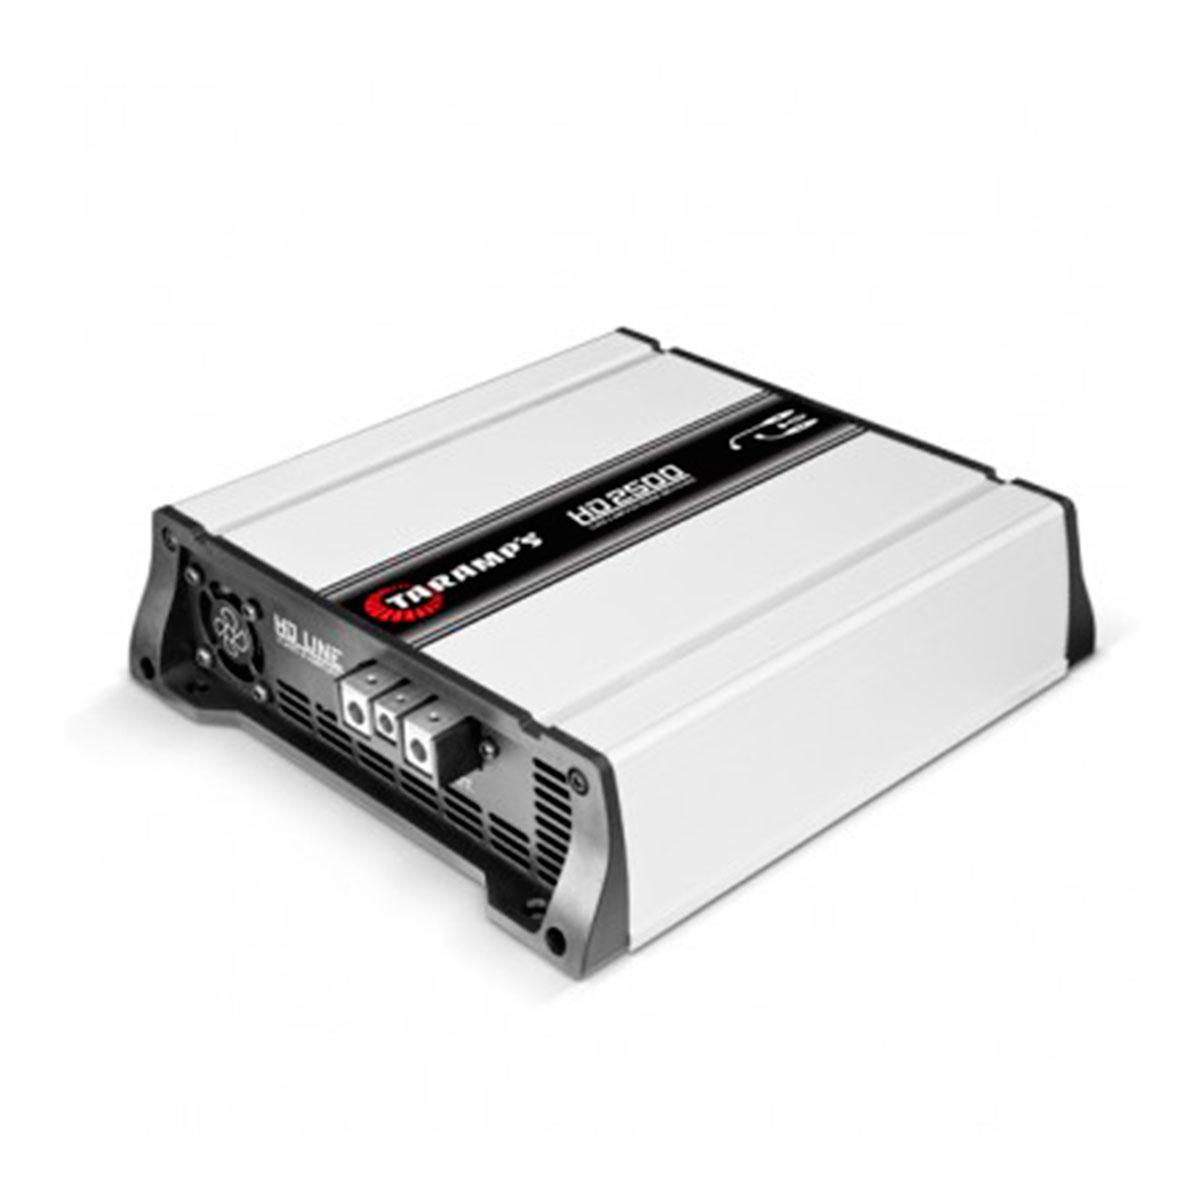 HD2500 - Módulo Amplificador Digital 2500W 1 Canal 1 Ohm HD 2500 - Taramps